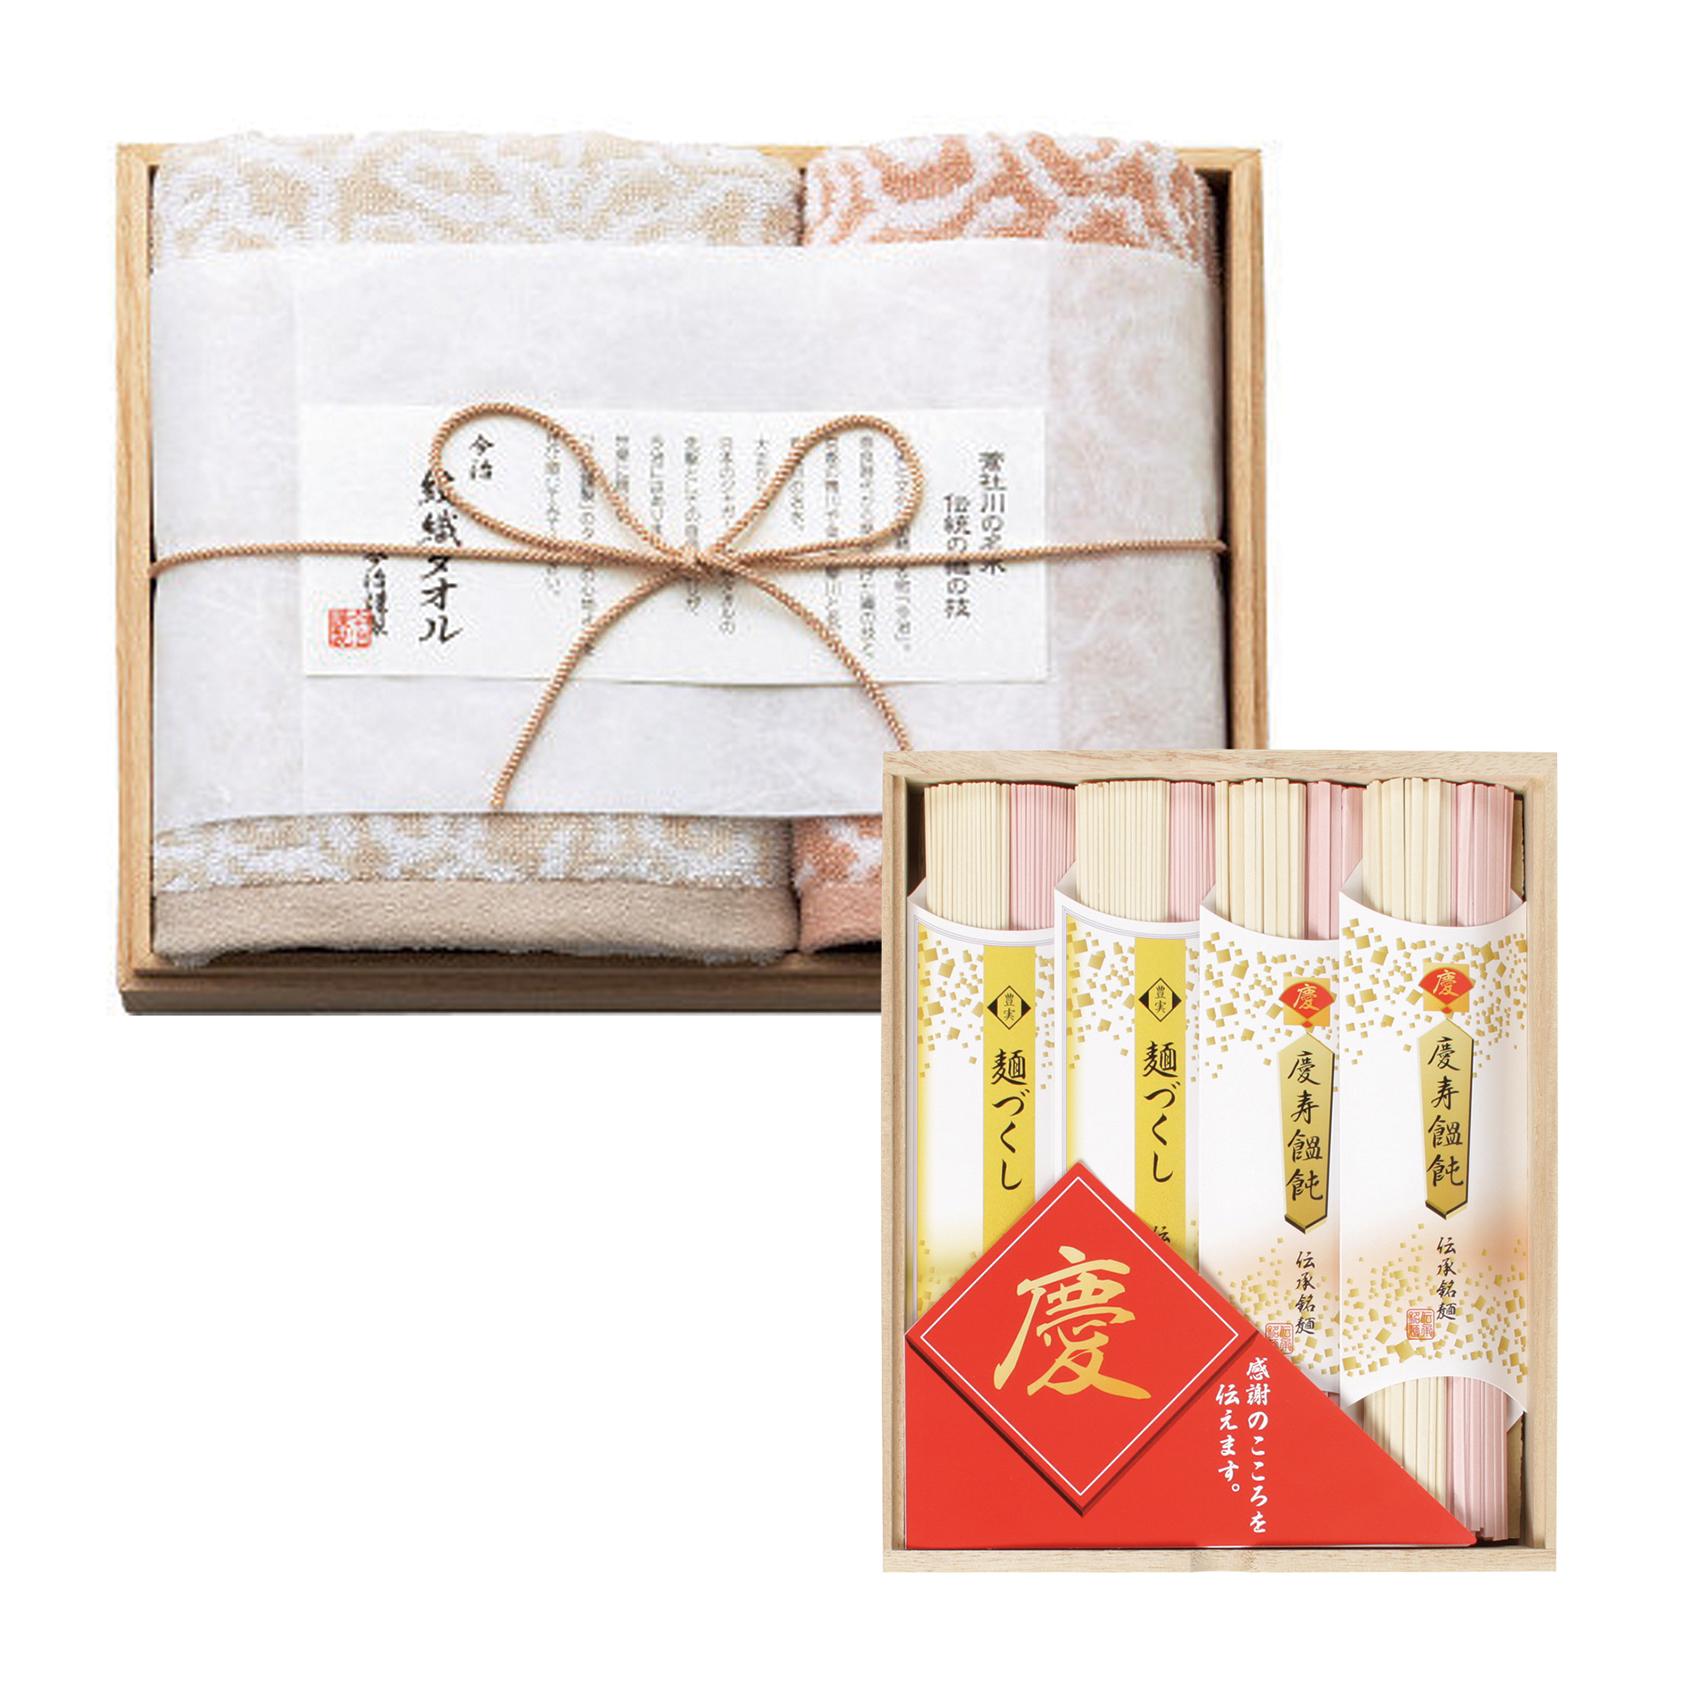 【お急ぎ便直送】名入れ紅白麺&今治タオル木箱入りセットA